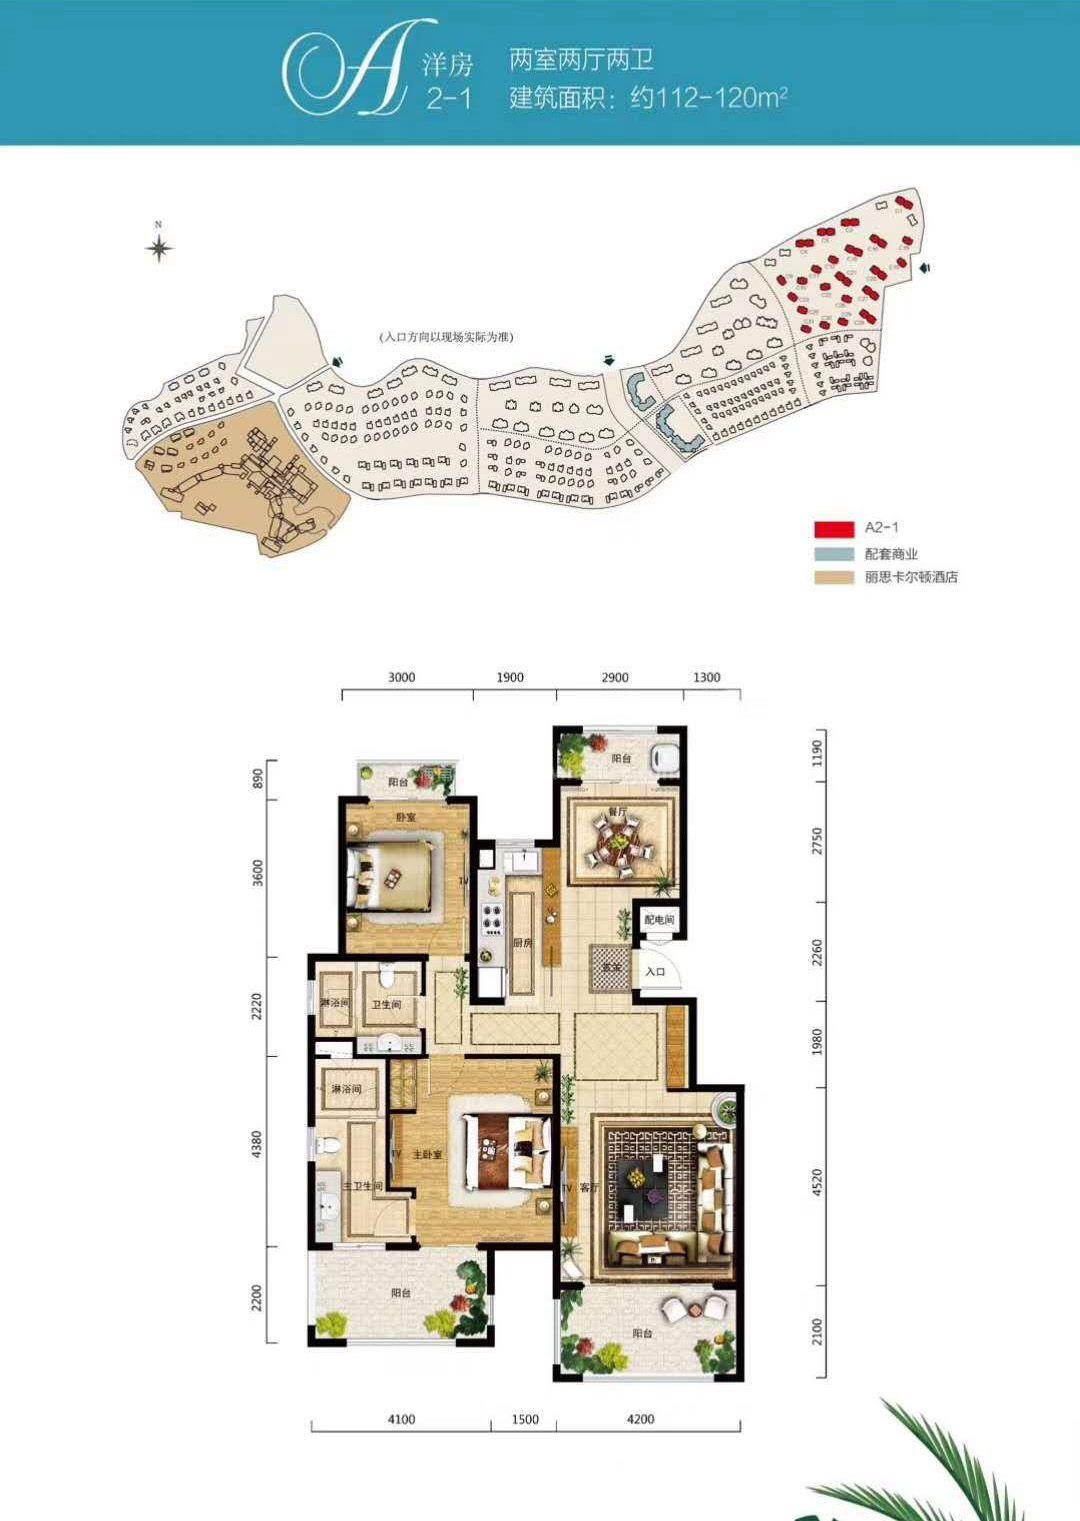 洋房A2-1 两室两厅两卫 建筑面积约112-120㎡